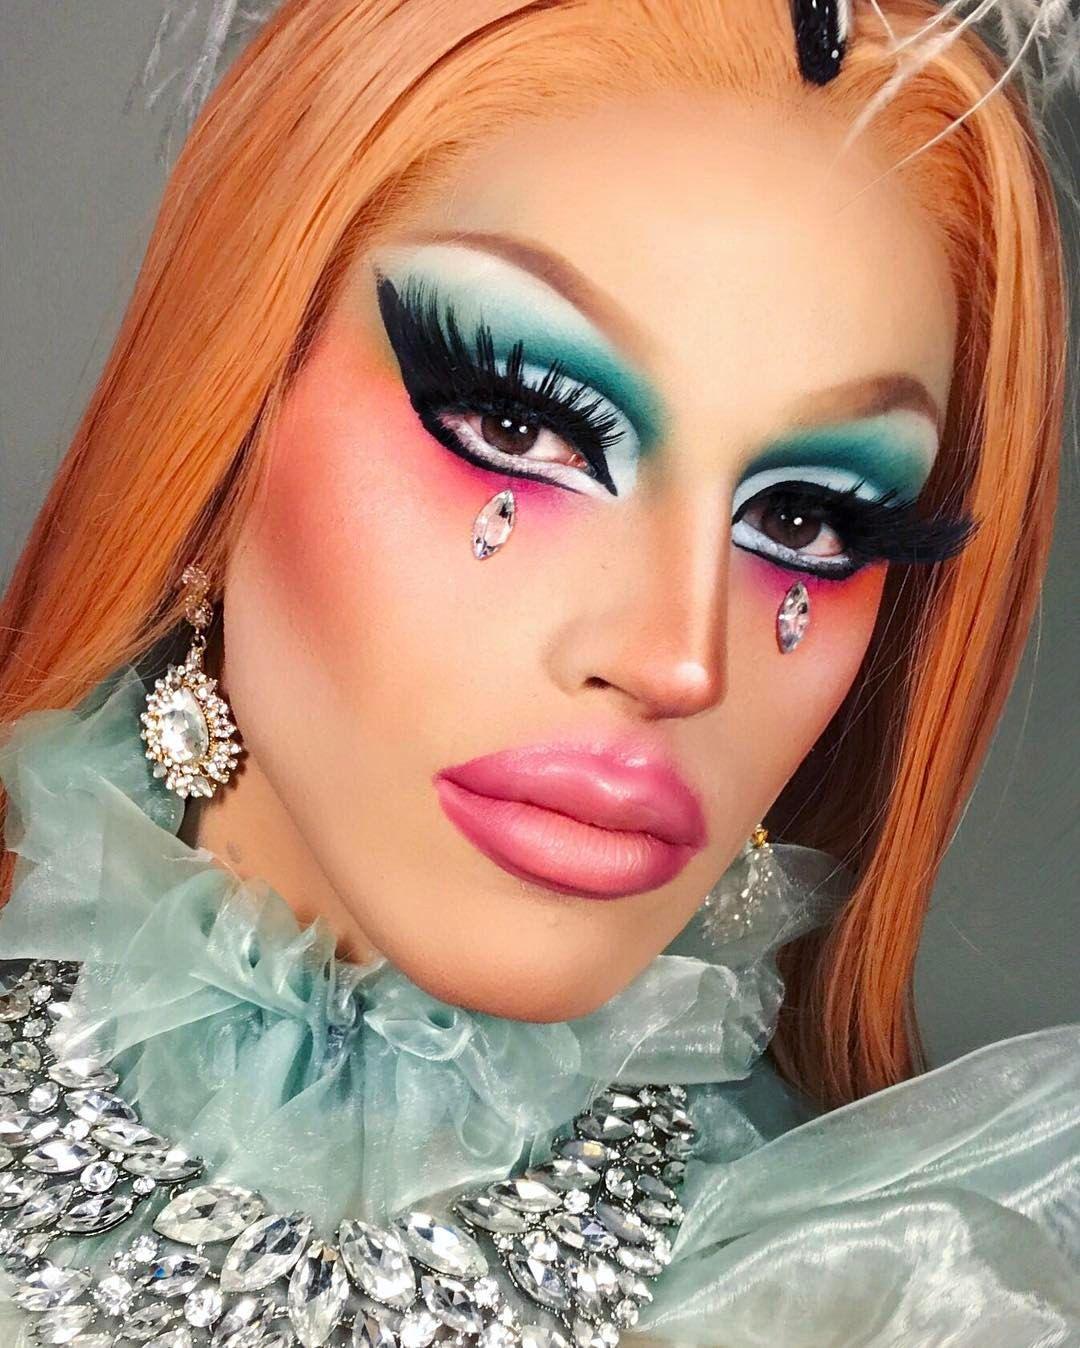 2018 年の image result for aquaria drag queen cosmo aqua